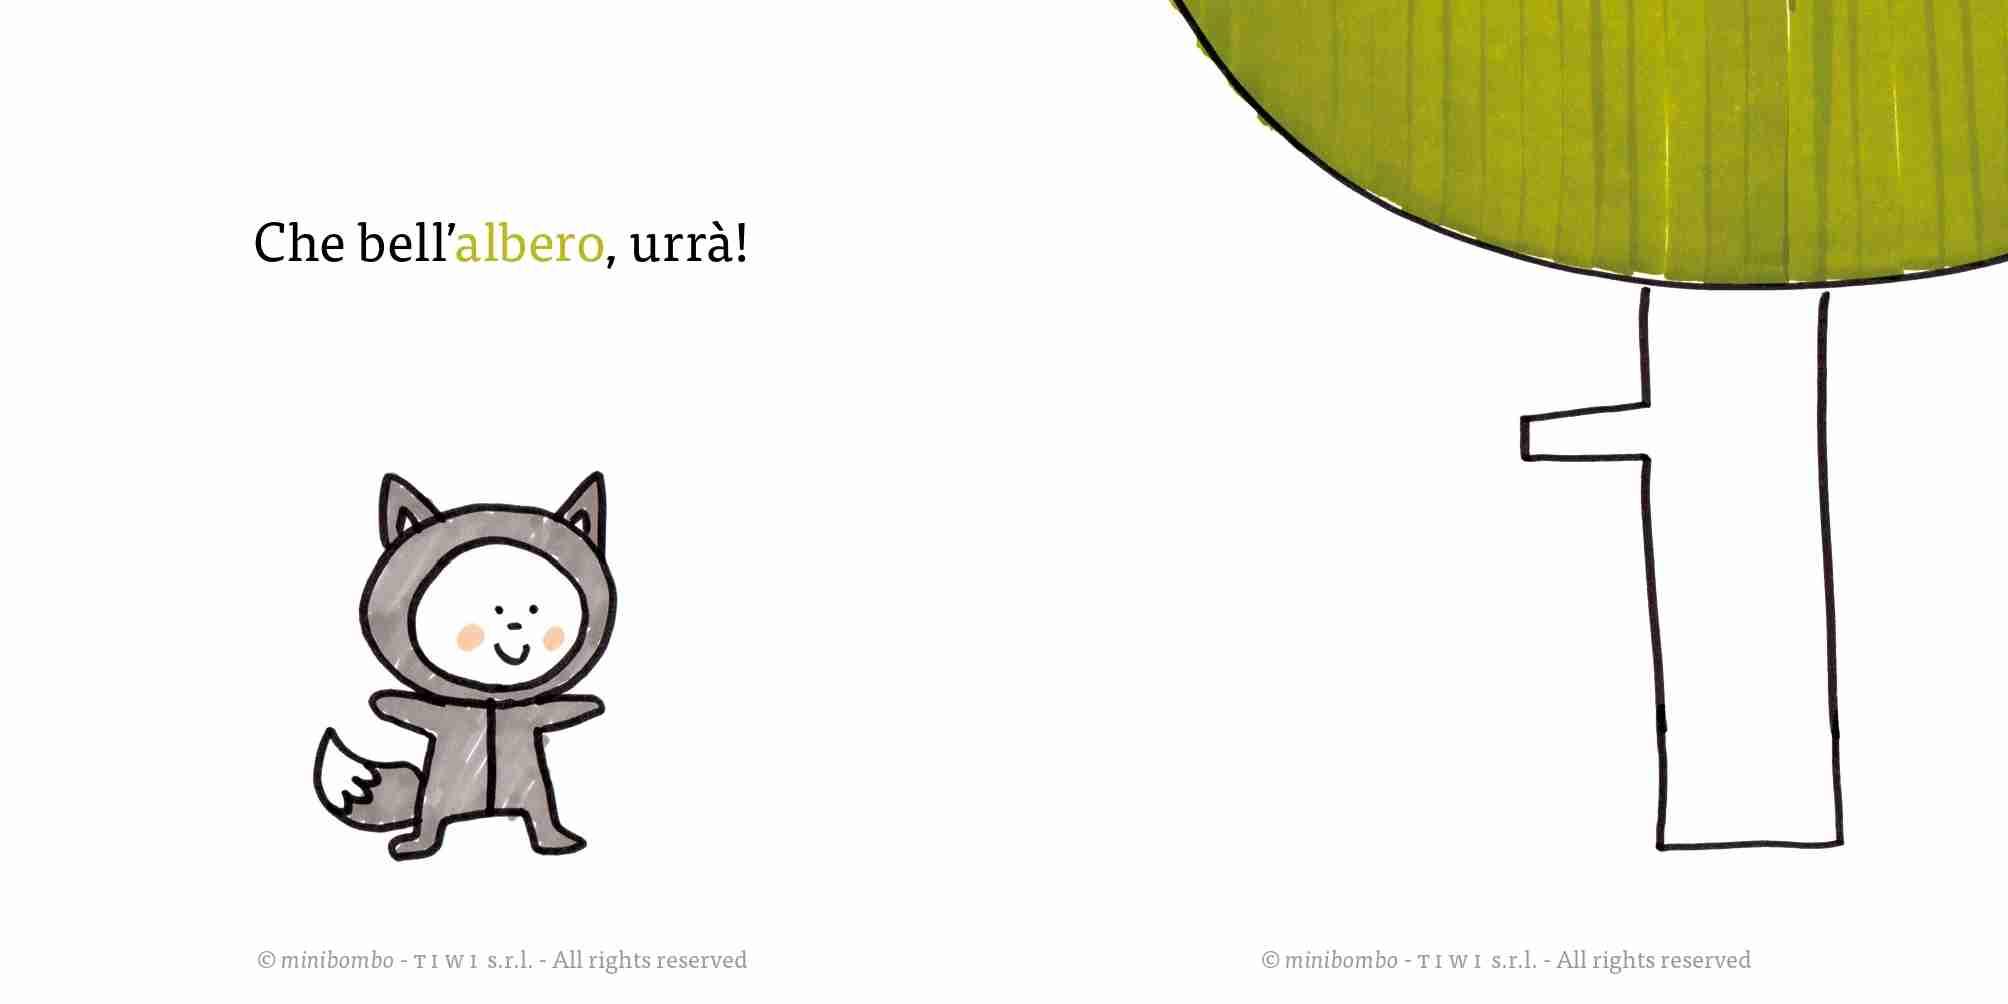 Tutino_e_l'albero_